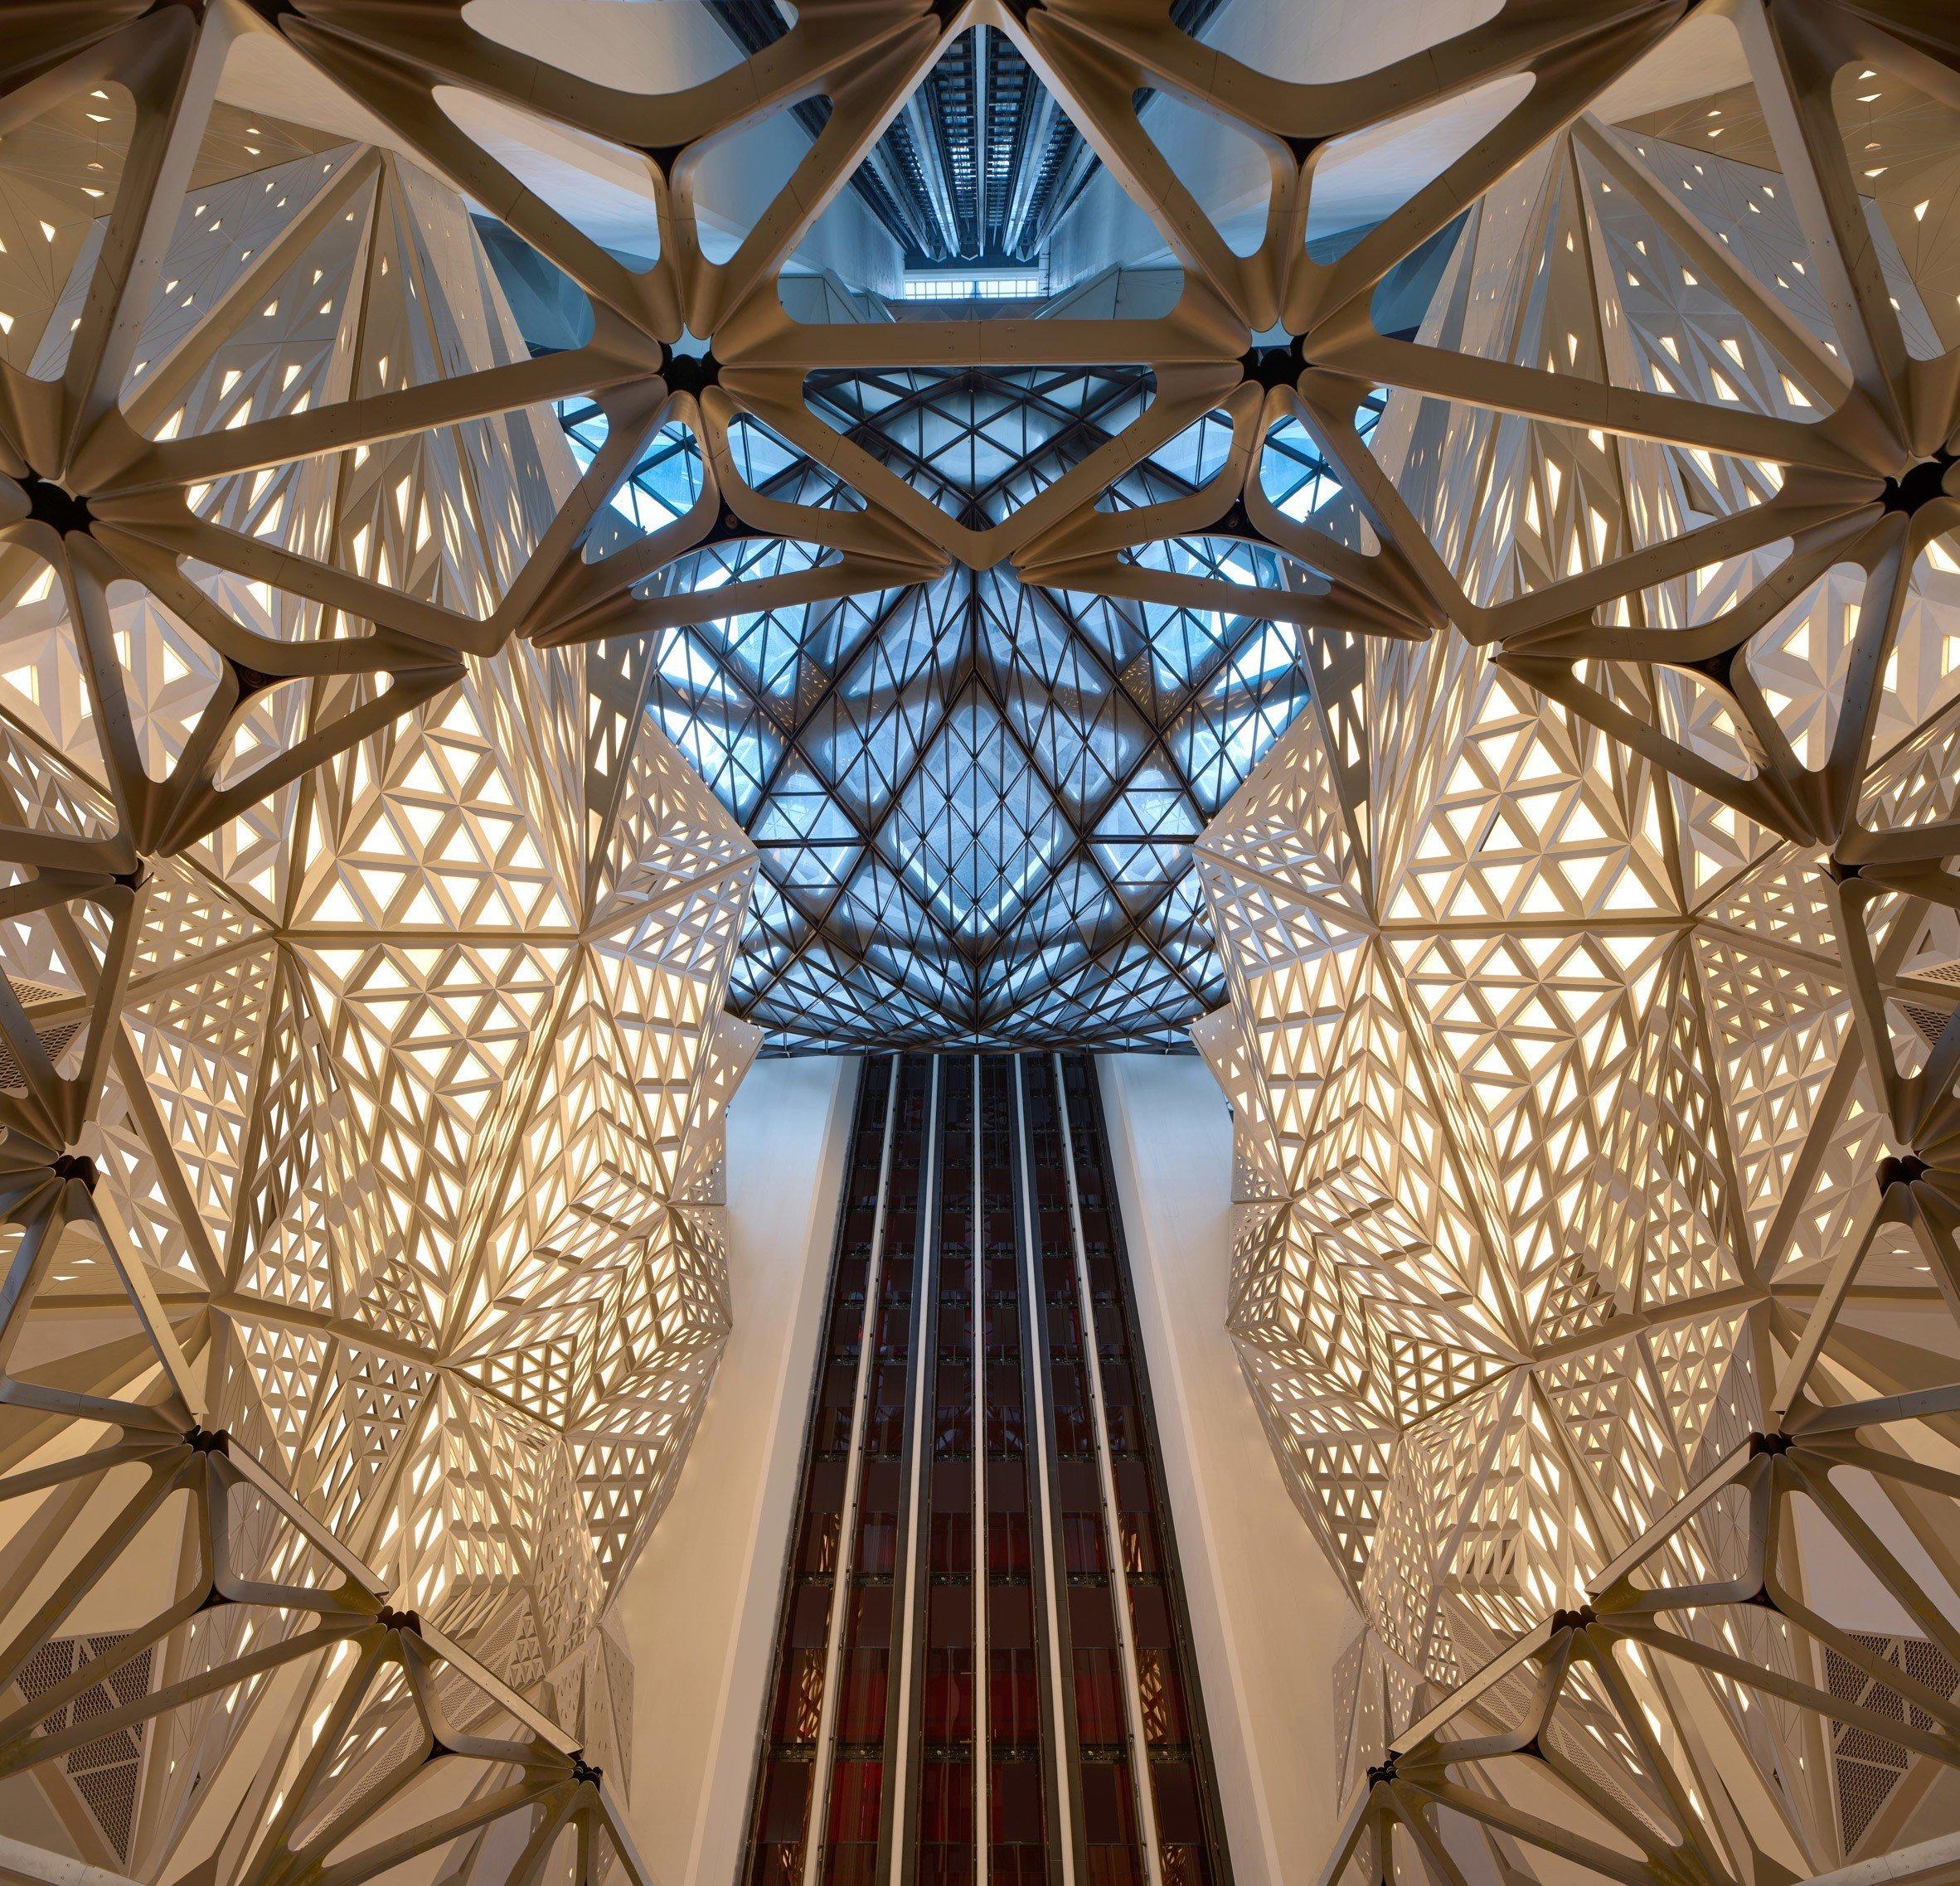 iGNANT-Architecture-Zaha-Hadid-Architects-Morpheus-Hotel-010